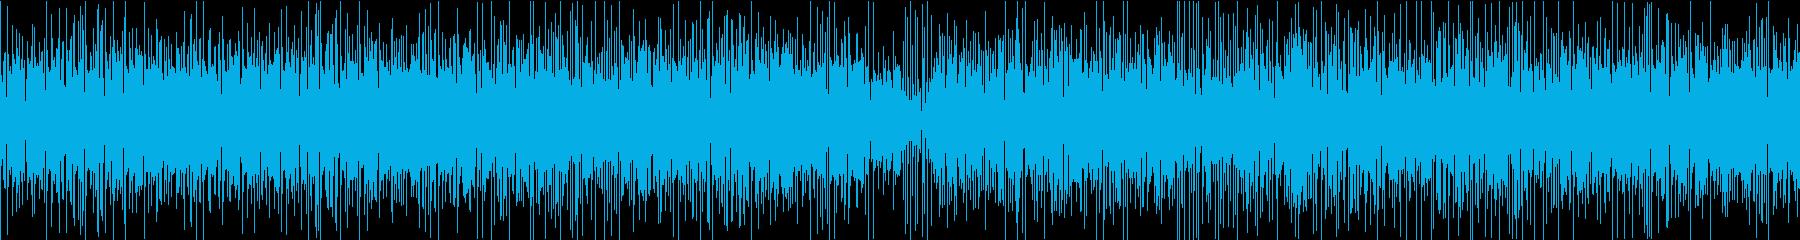 激しいスラップベースのアップテンポロックの再生済みの波形